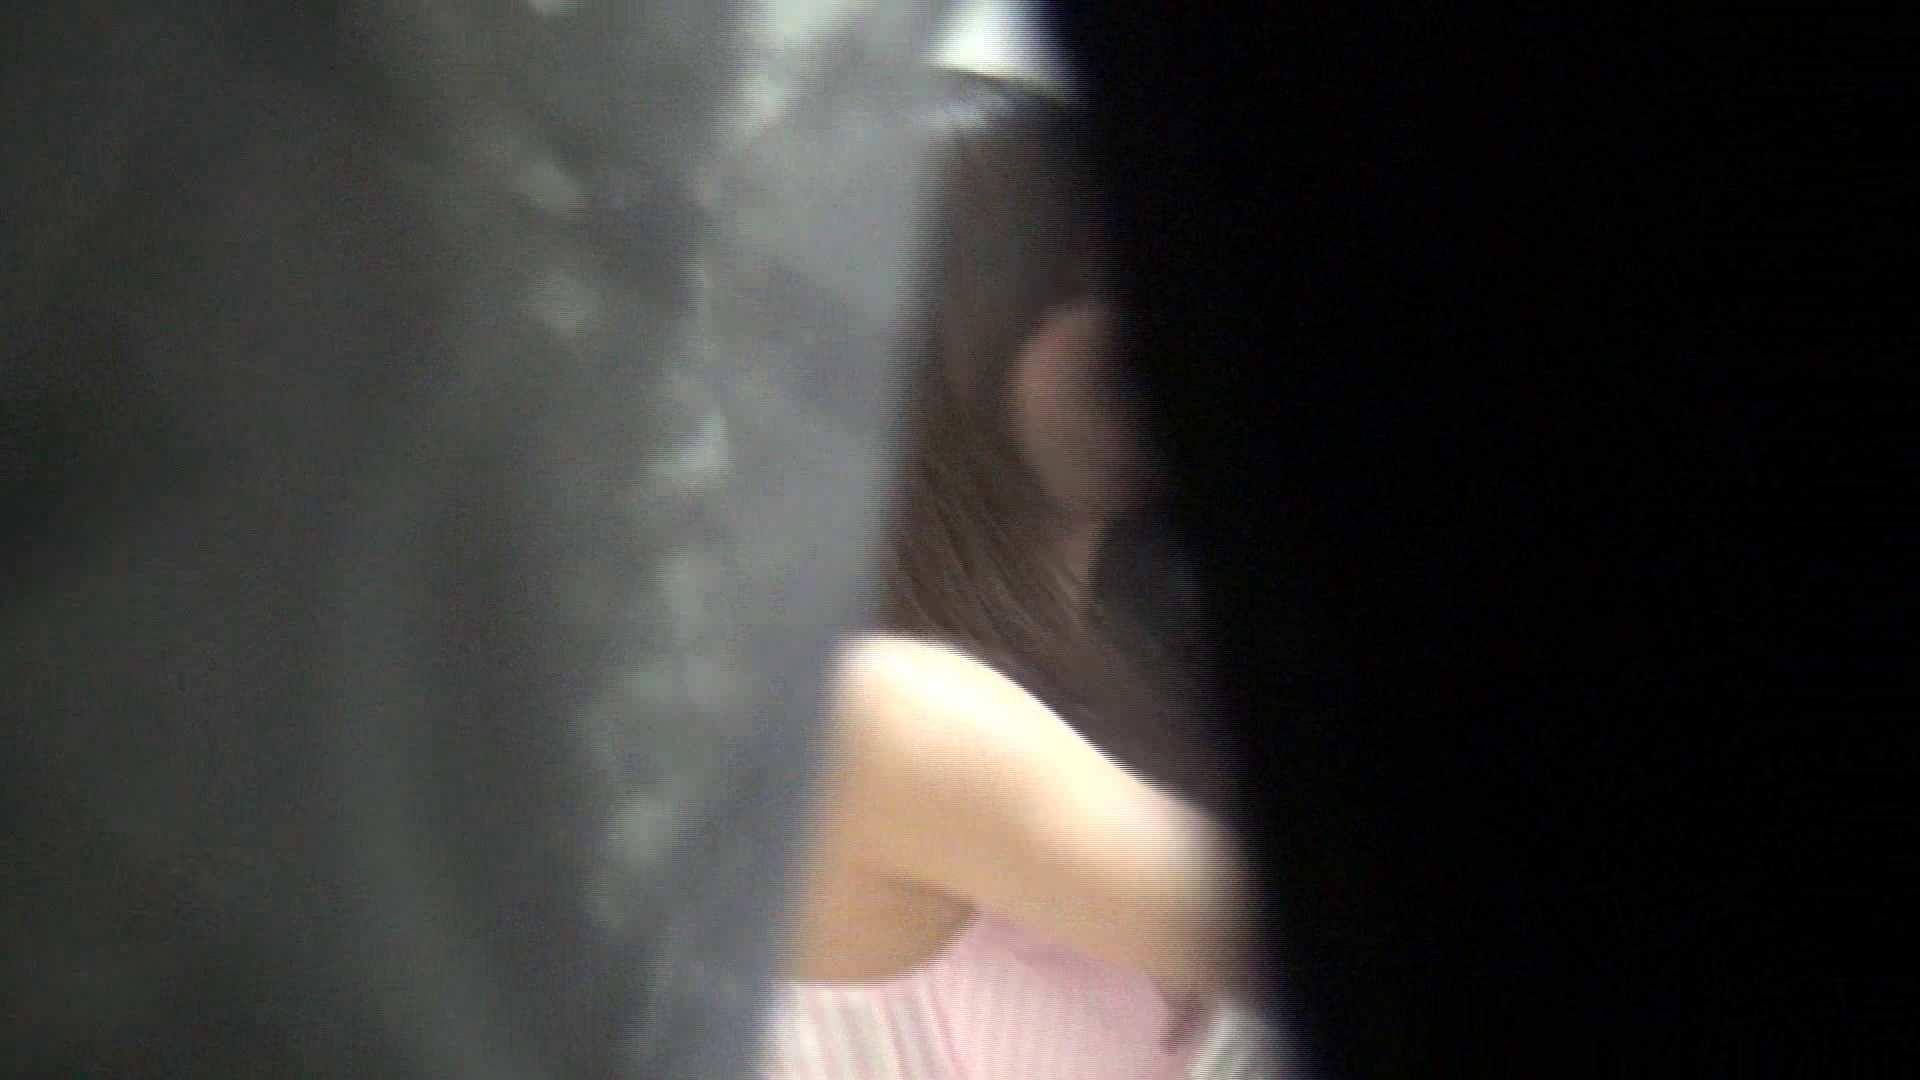 【05】仕事が忙しくて・・・久しぶりにベランダで待ち伏せ 熟女 SEX無修正画像 89PIX 15